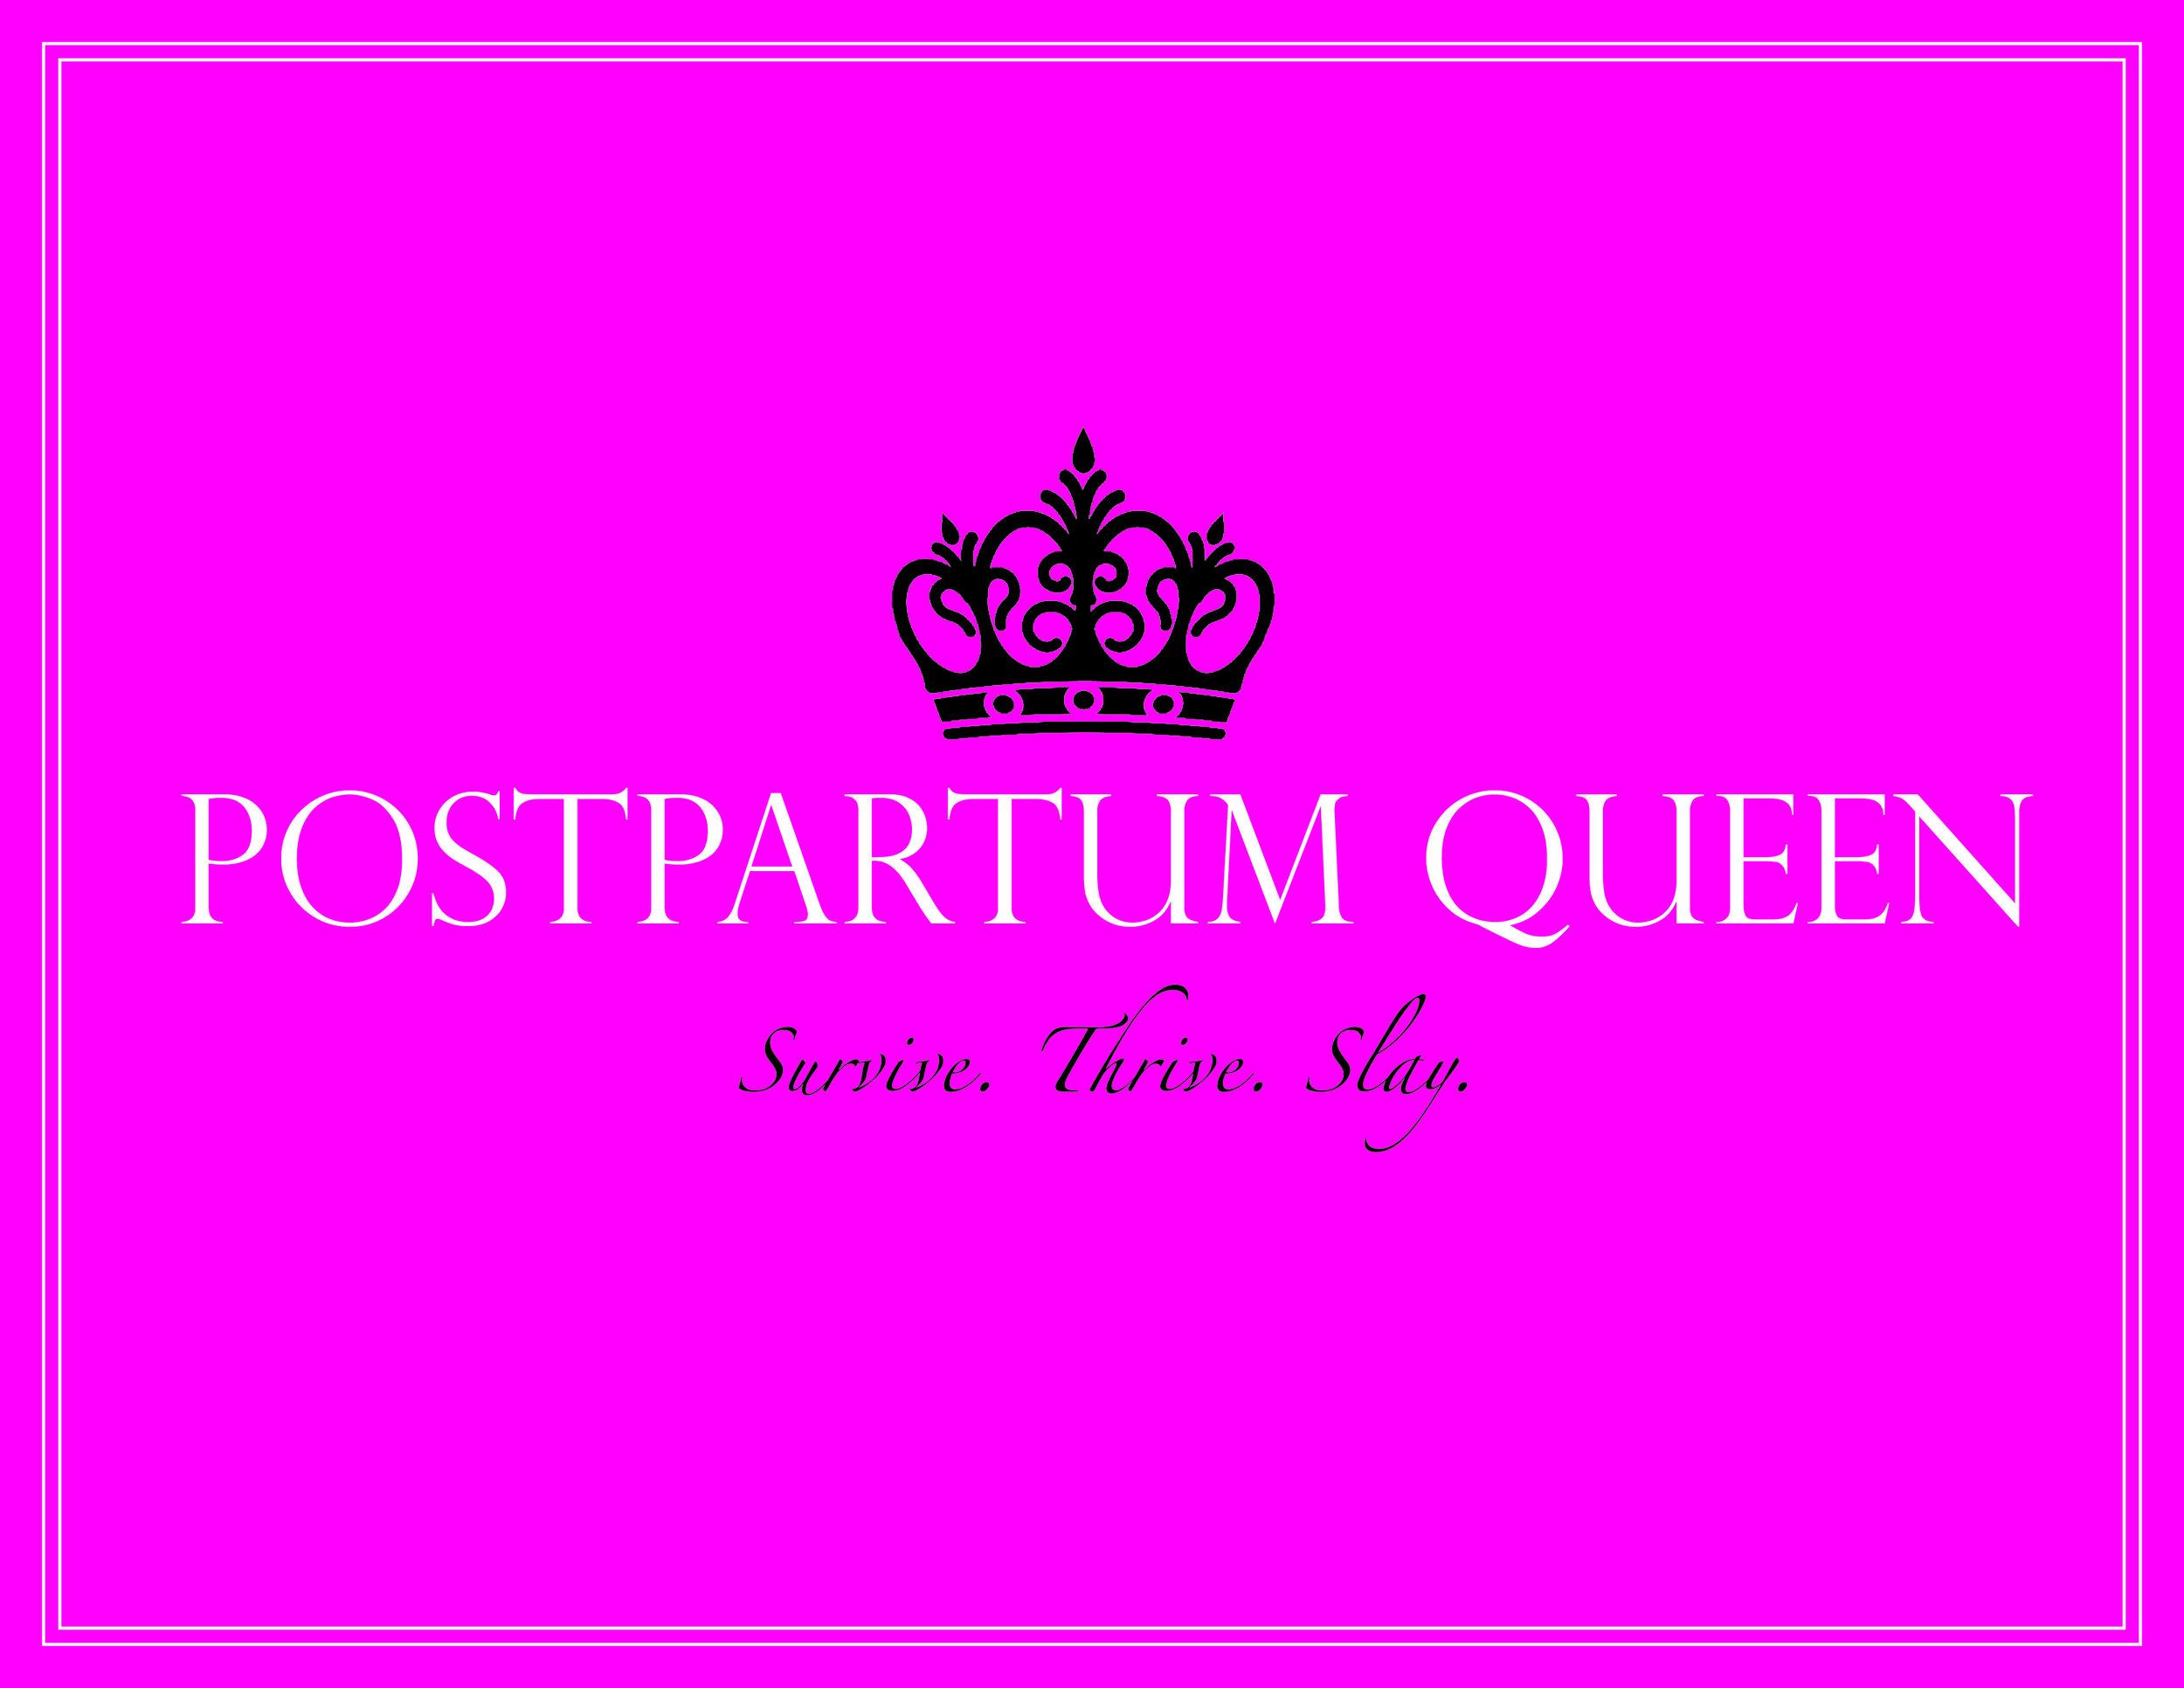 postpartumqueen4.jpg